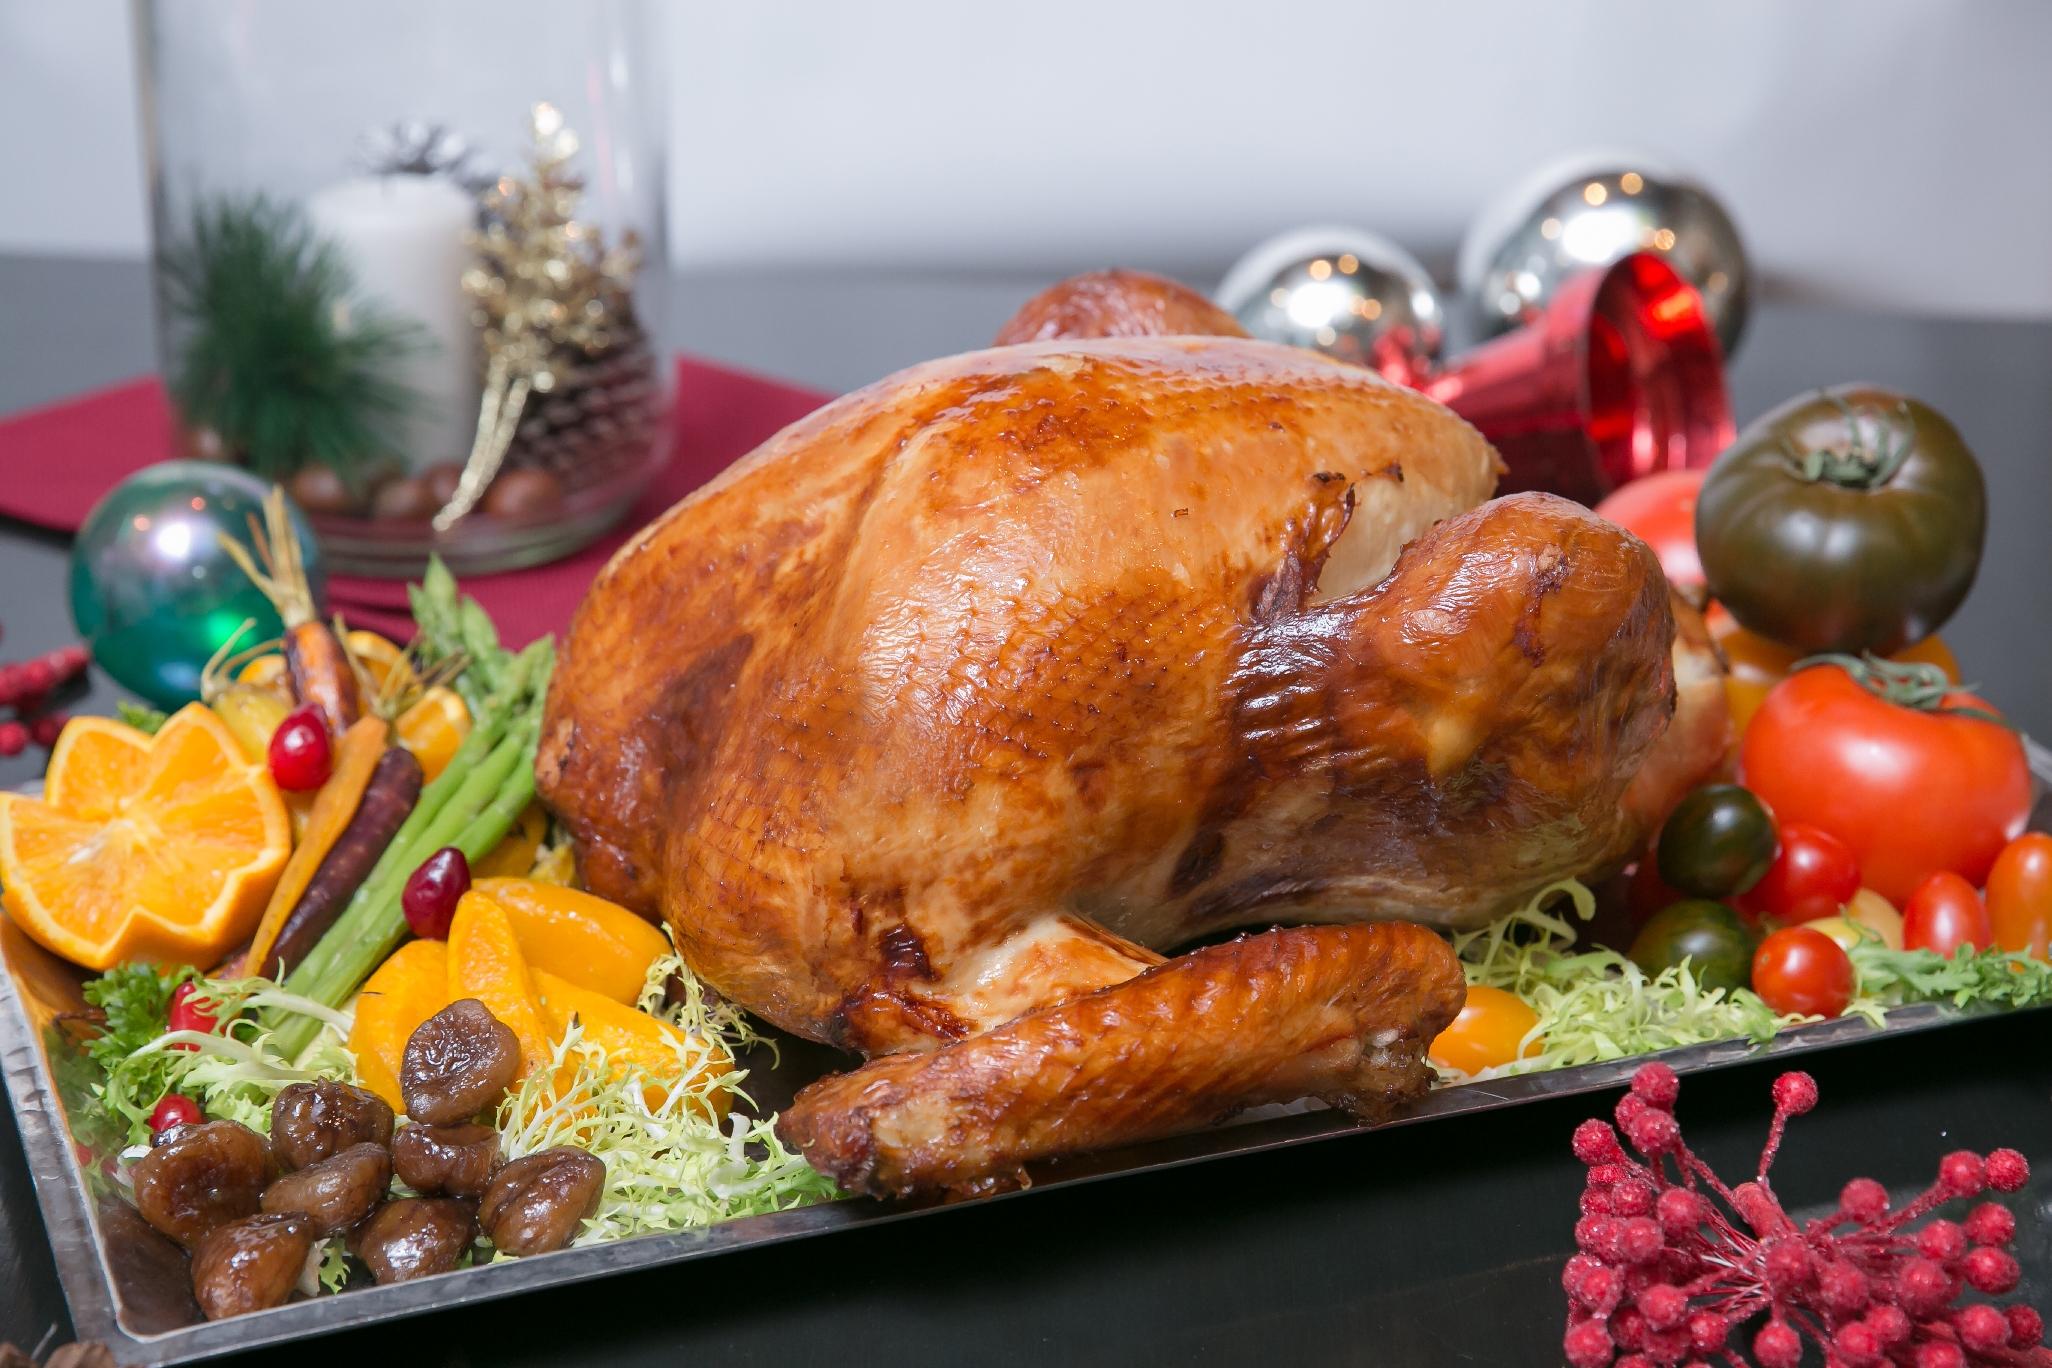 อิ่มเอมสุขสันต์ ฉลองเทศกาลคริสต์มาสแบบจัดเต็มกับบุฟเฟ่ต์อาหารสไตล์อิตาเลียน - ไทยฟิวชั่น ห้องอาหารเวนตี้ซี้ โรงแรมเซ็นทาราแกรนด์ฯ เซ็นทรัลเวิลด์ สำนักพิมพ์แม่บ้าน